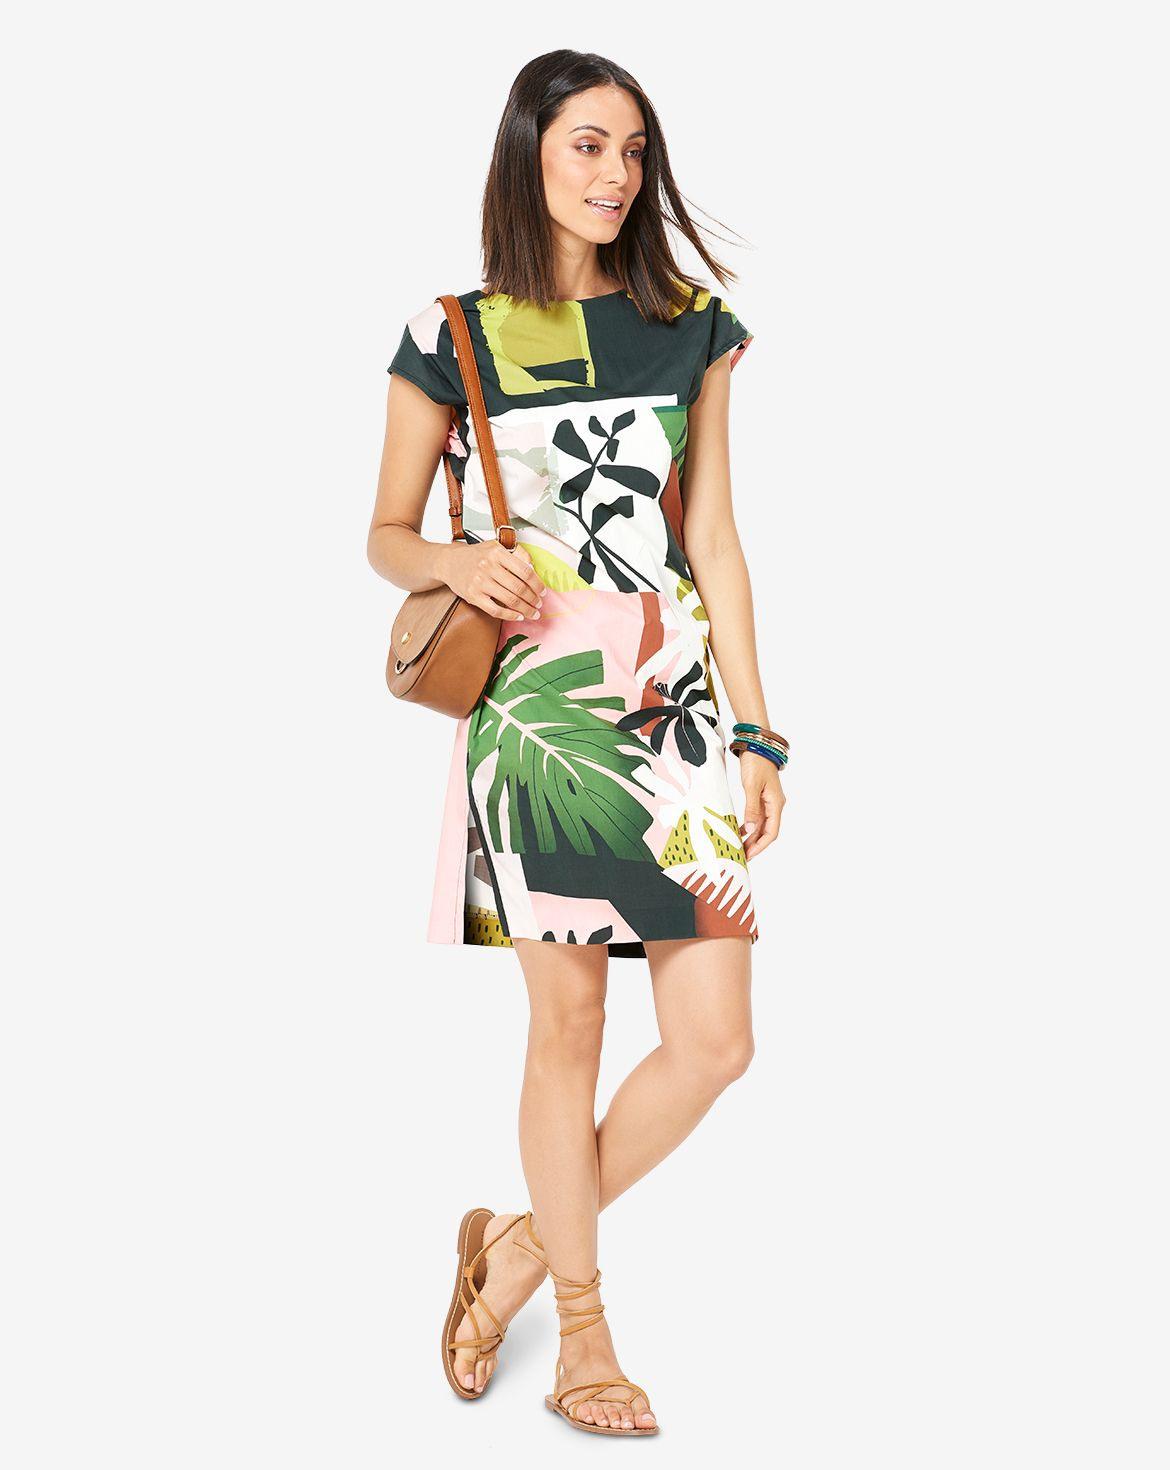 17 Top Hängerkleid Damen StylishAbend Luxus Hängerkleid Damen Galerie